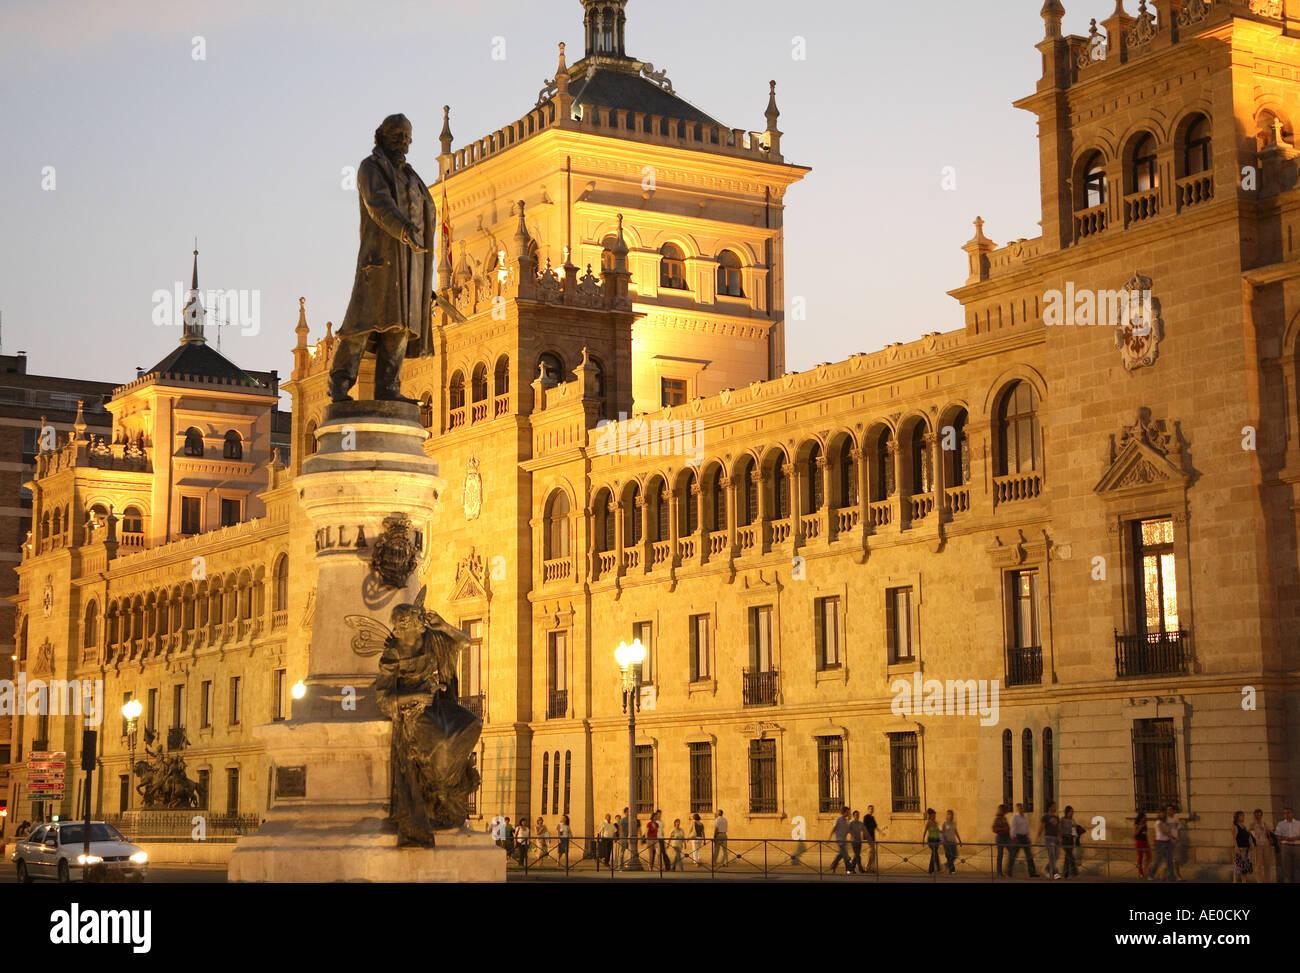 Academia de Caballeria with statue to Zorrilla in Plaza Zorrilla Square, Valladolid, Castile and Leon, Spain - Stock Image